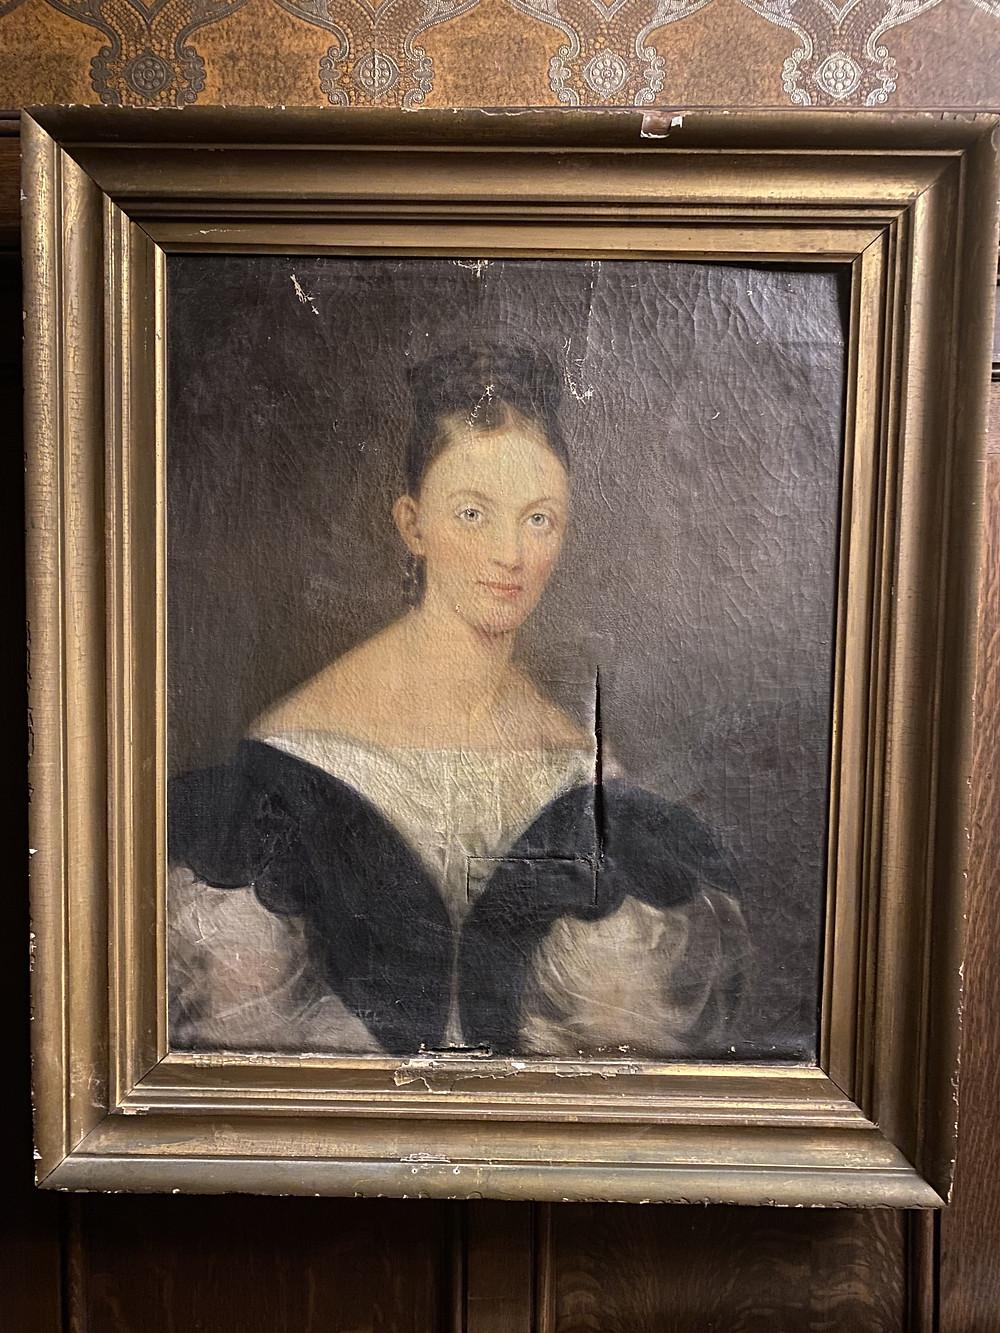 A portrait of Baroness Louise von Ricthofen, wife of Baron Walter von Ricthhofen, original owner of the Richthofen Castle